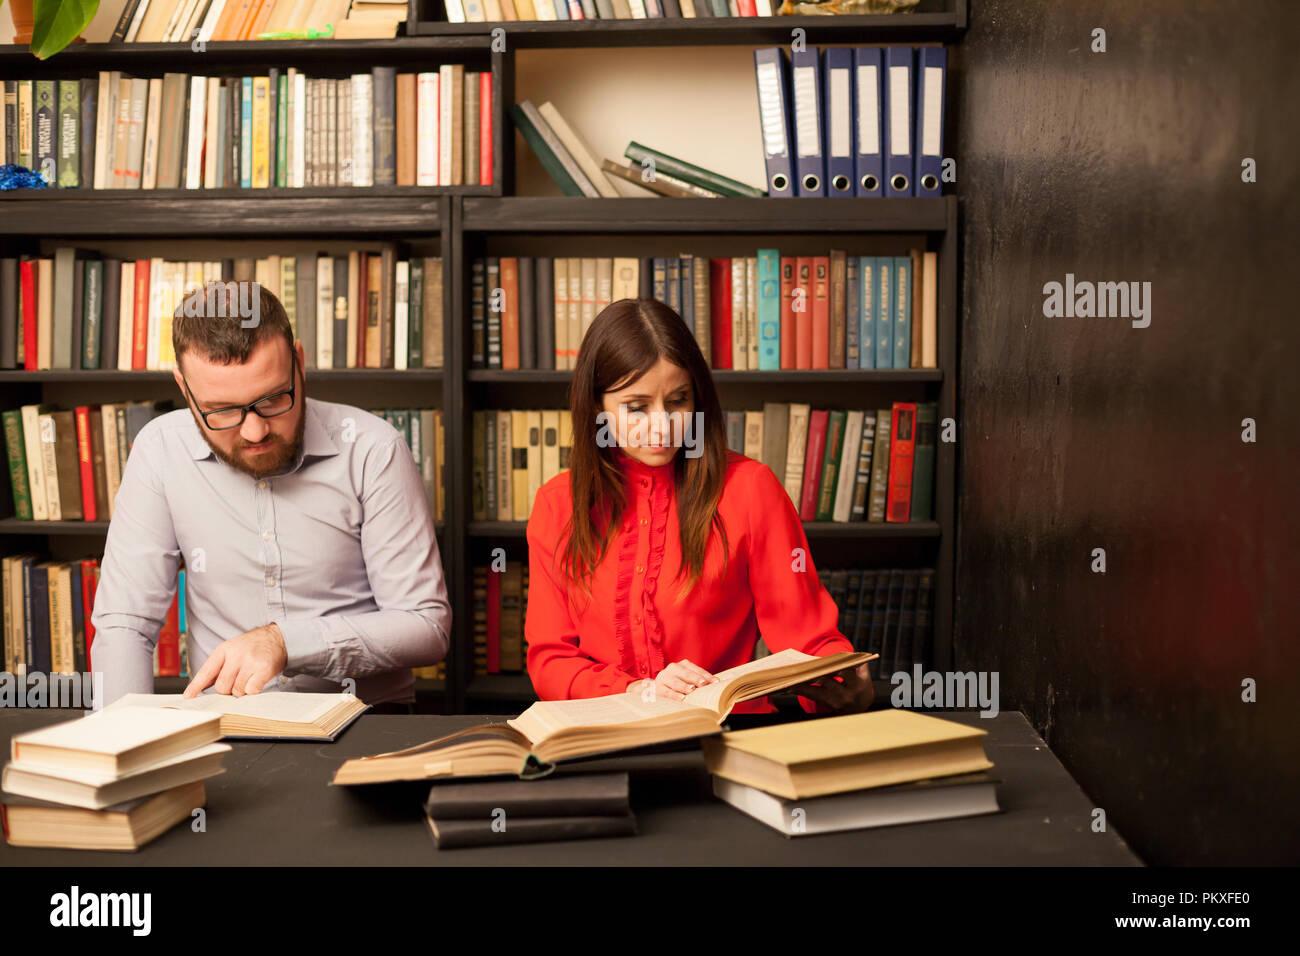 Un hombre y una mujer leen libros en la biblioteca se están preparando para el examen 1 Imagen De Stock